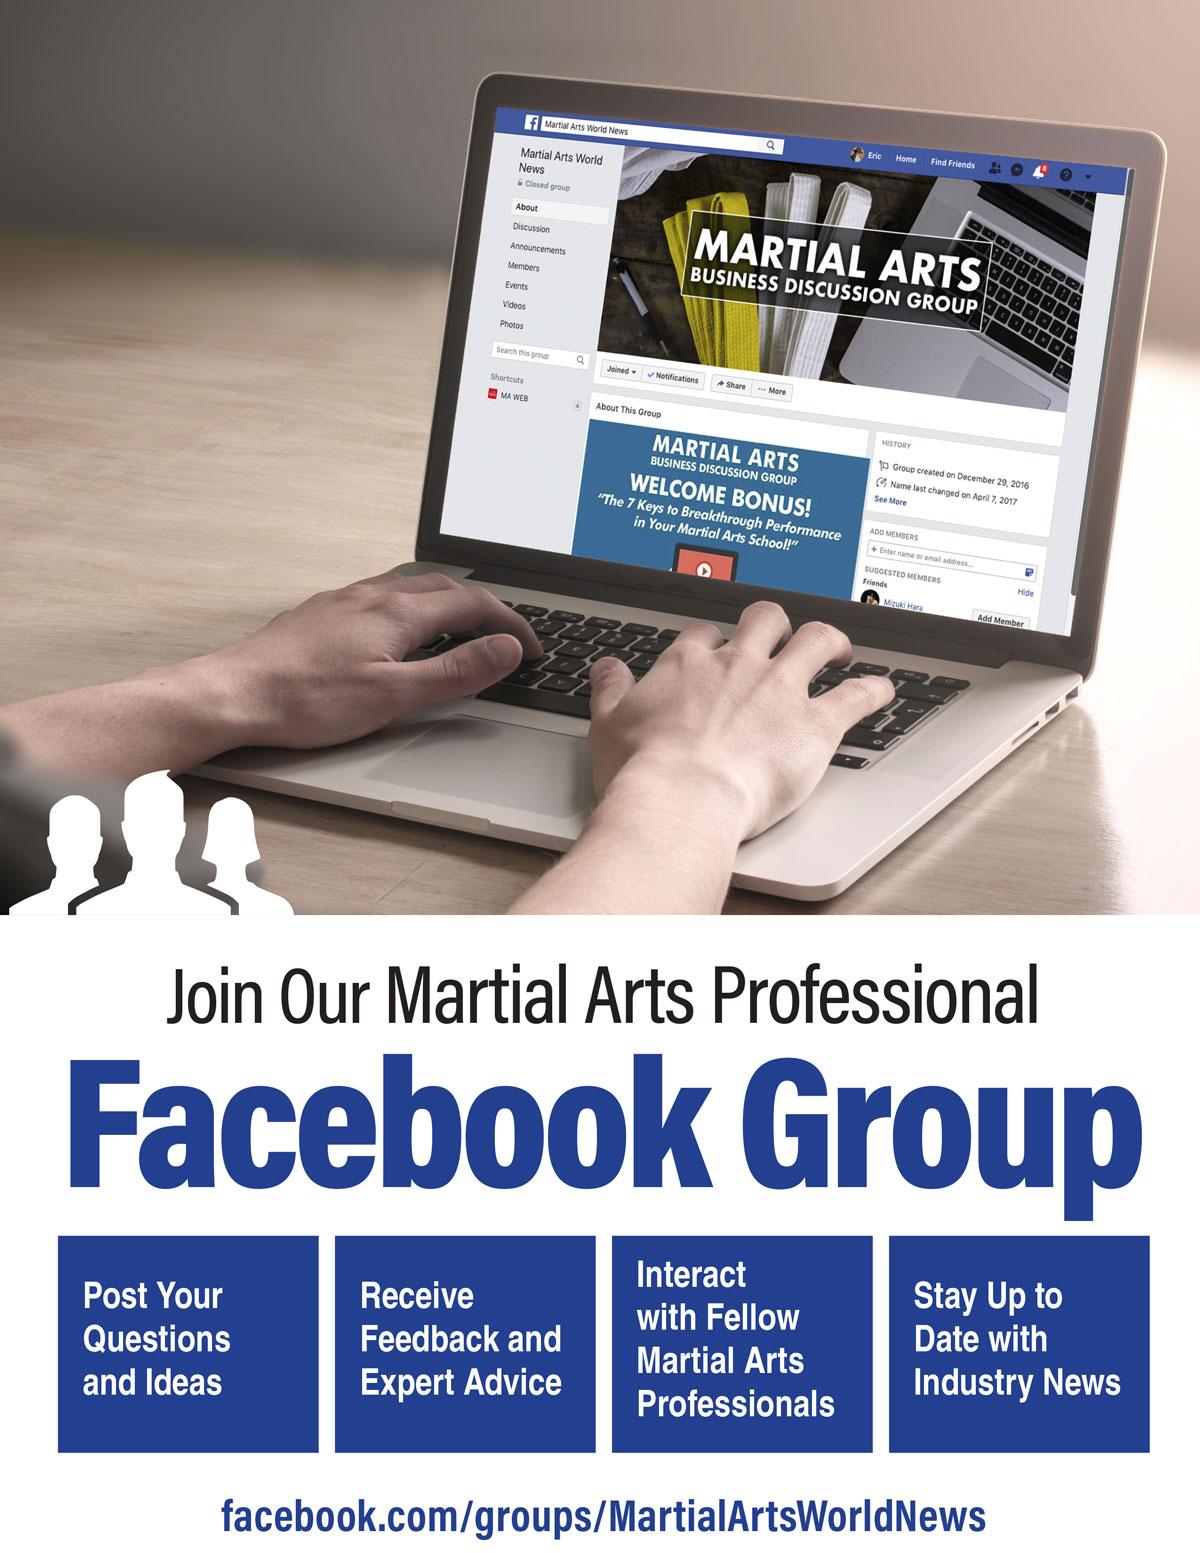 Martial Arts Facebook Group